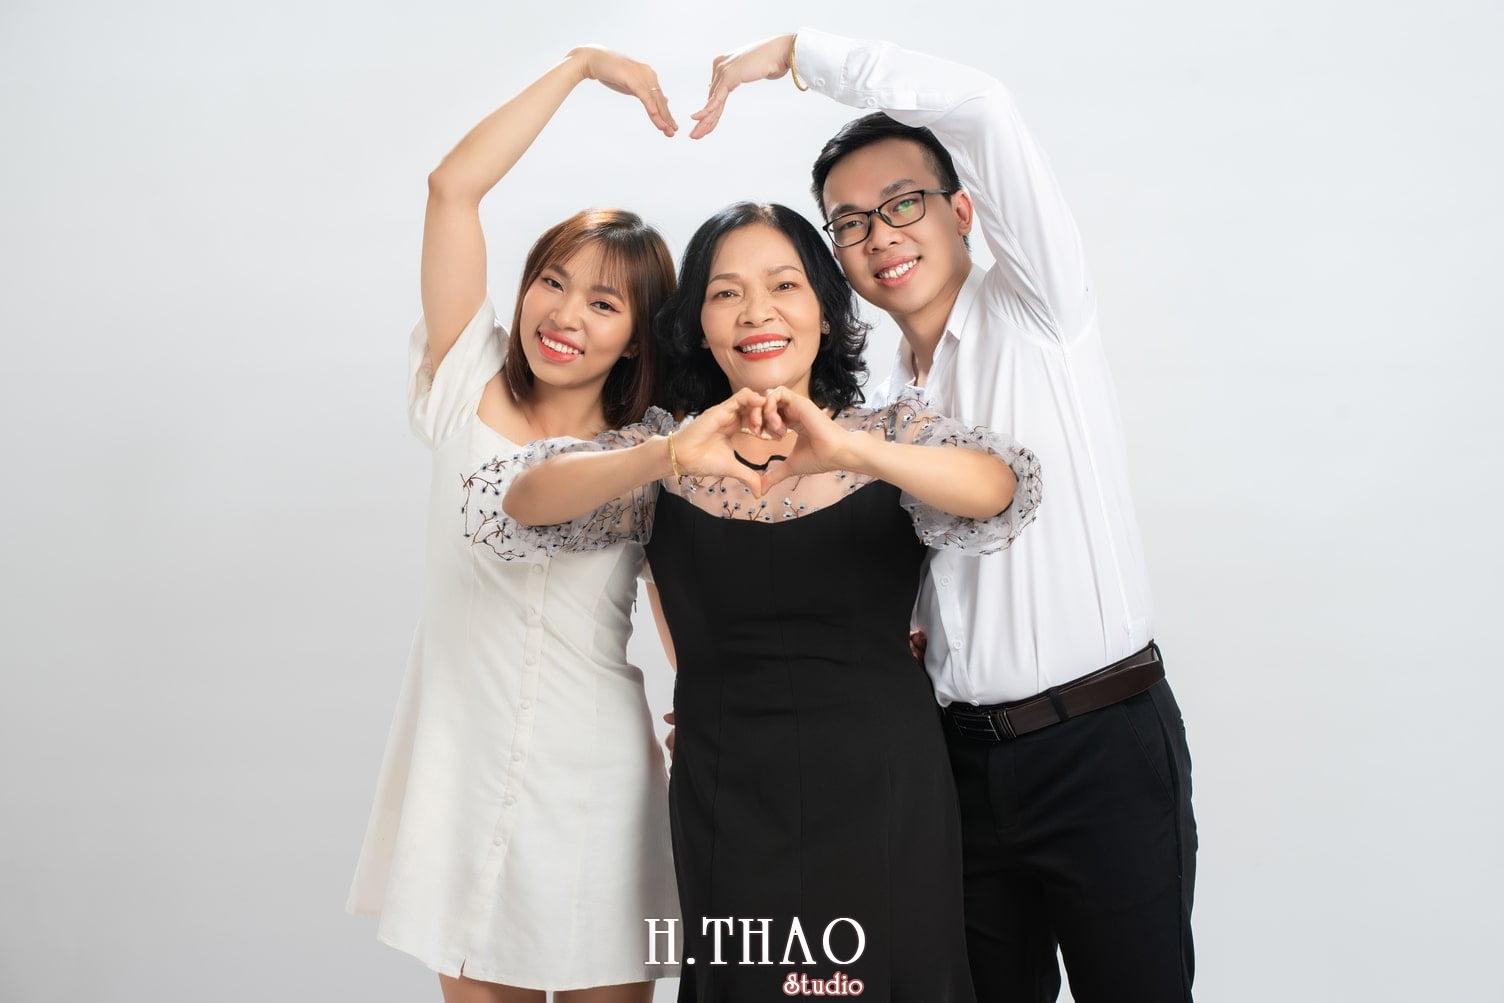 Anh gia dinh 22 - #10 ý tưởng chụp ảnh kỷ niệm ngày cưới ấn tượng - HTHao Studio